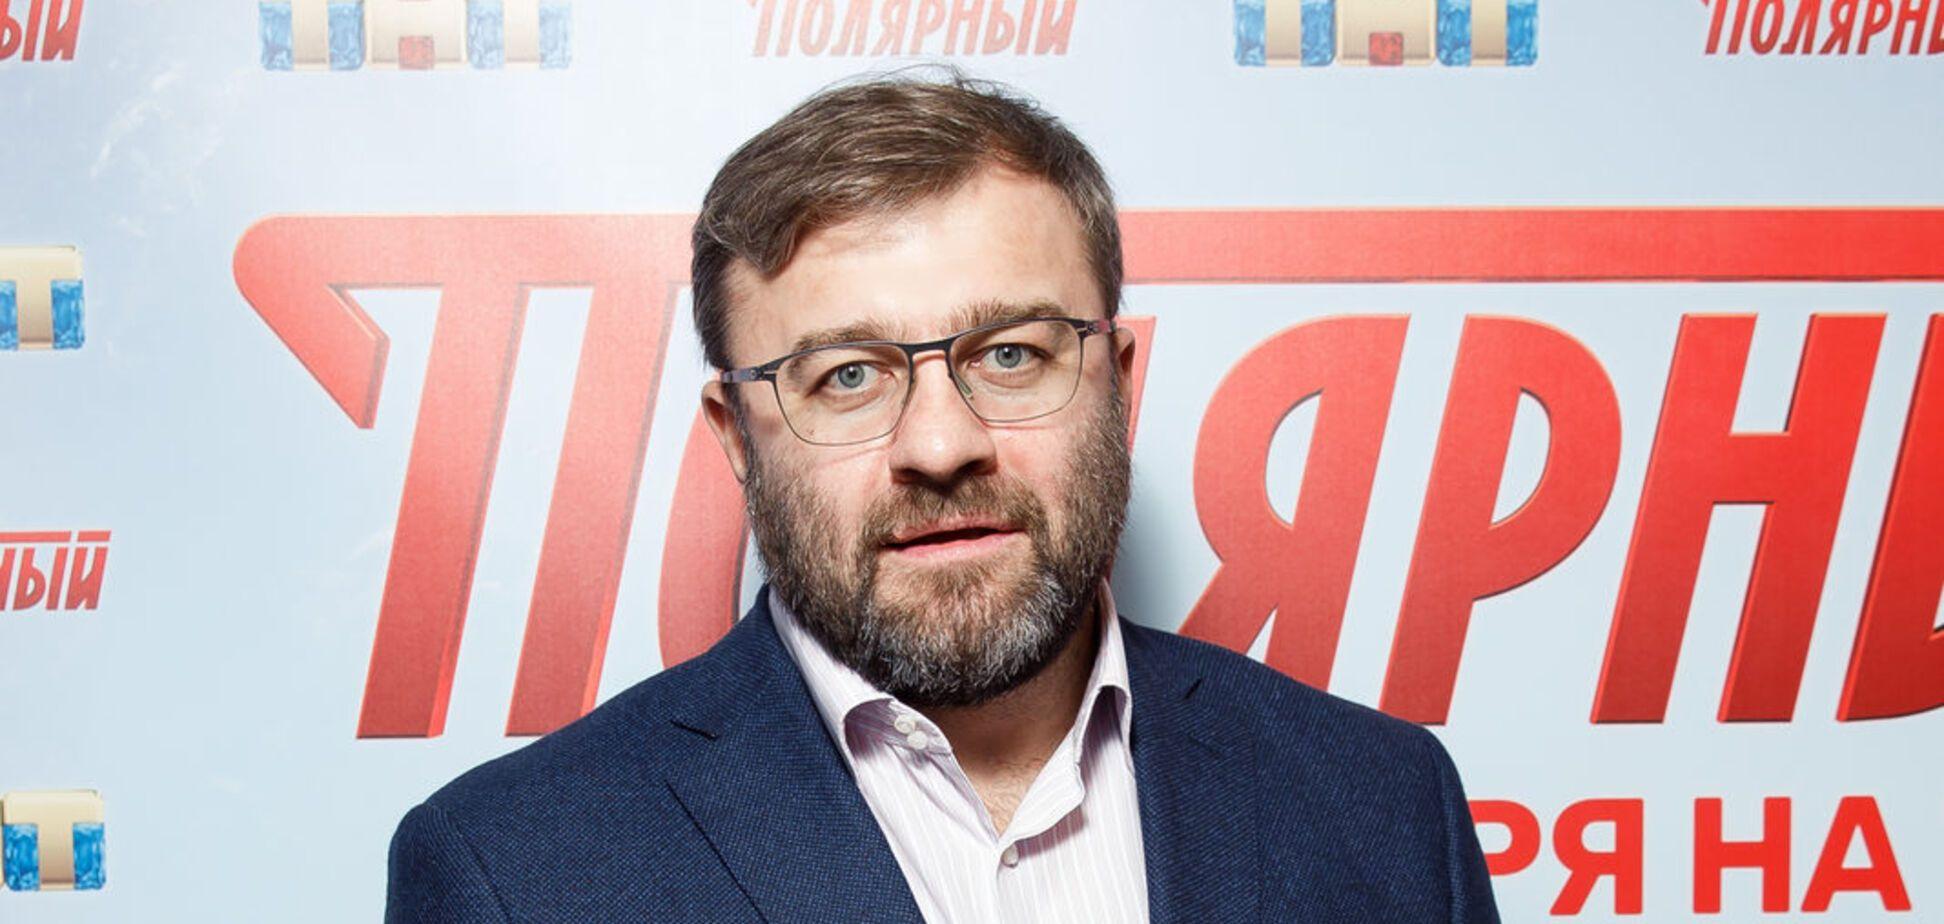 'На, Миша, постреляй!': как Пореченков опозорился за границей после стрельбы на Донбассе